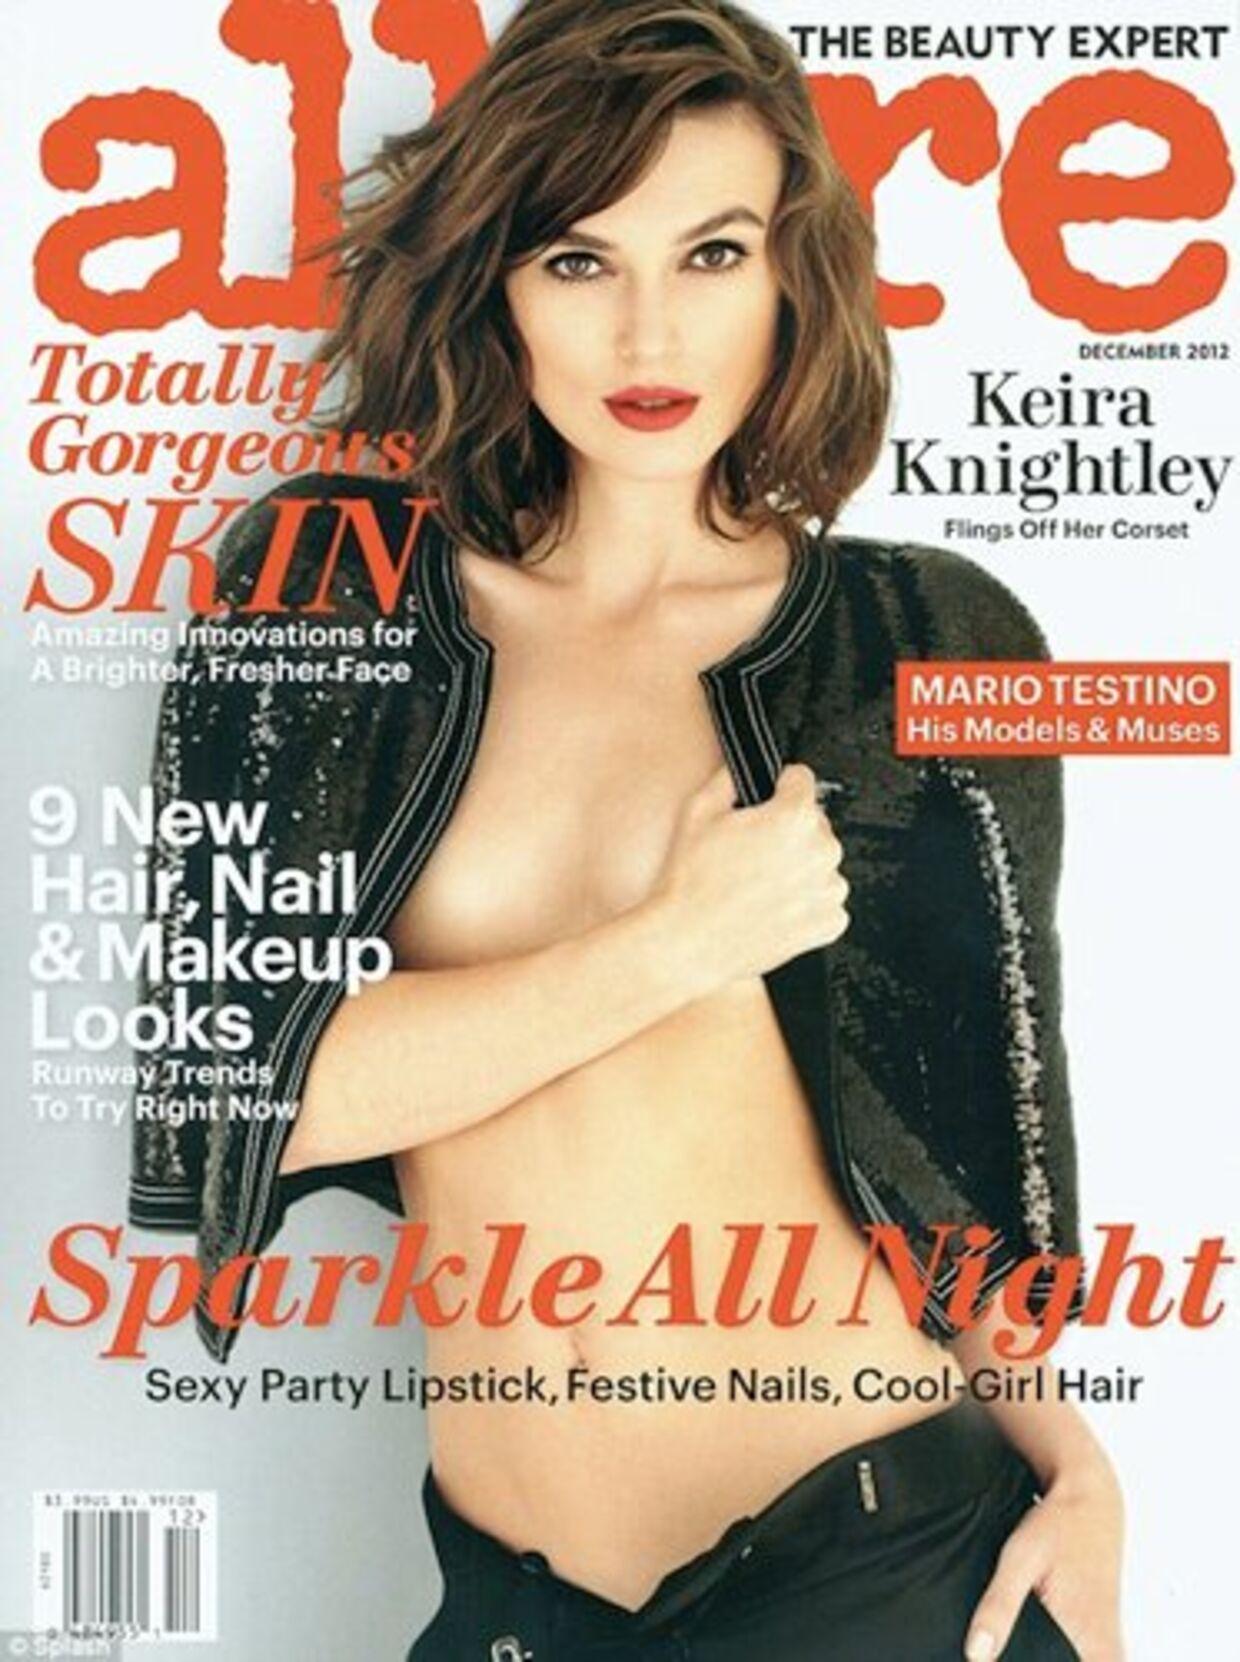 På forsiden af bladet Allure ser det ud som om, at Keira Knightleys brystvorte er forsvundet